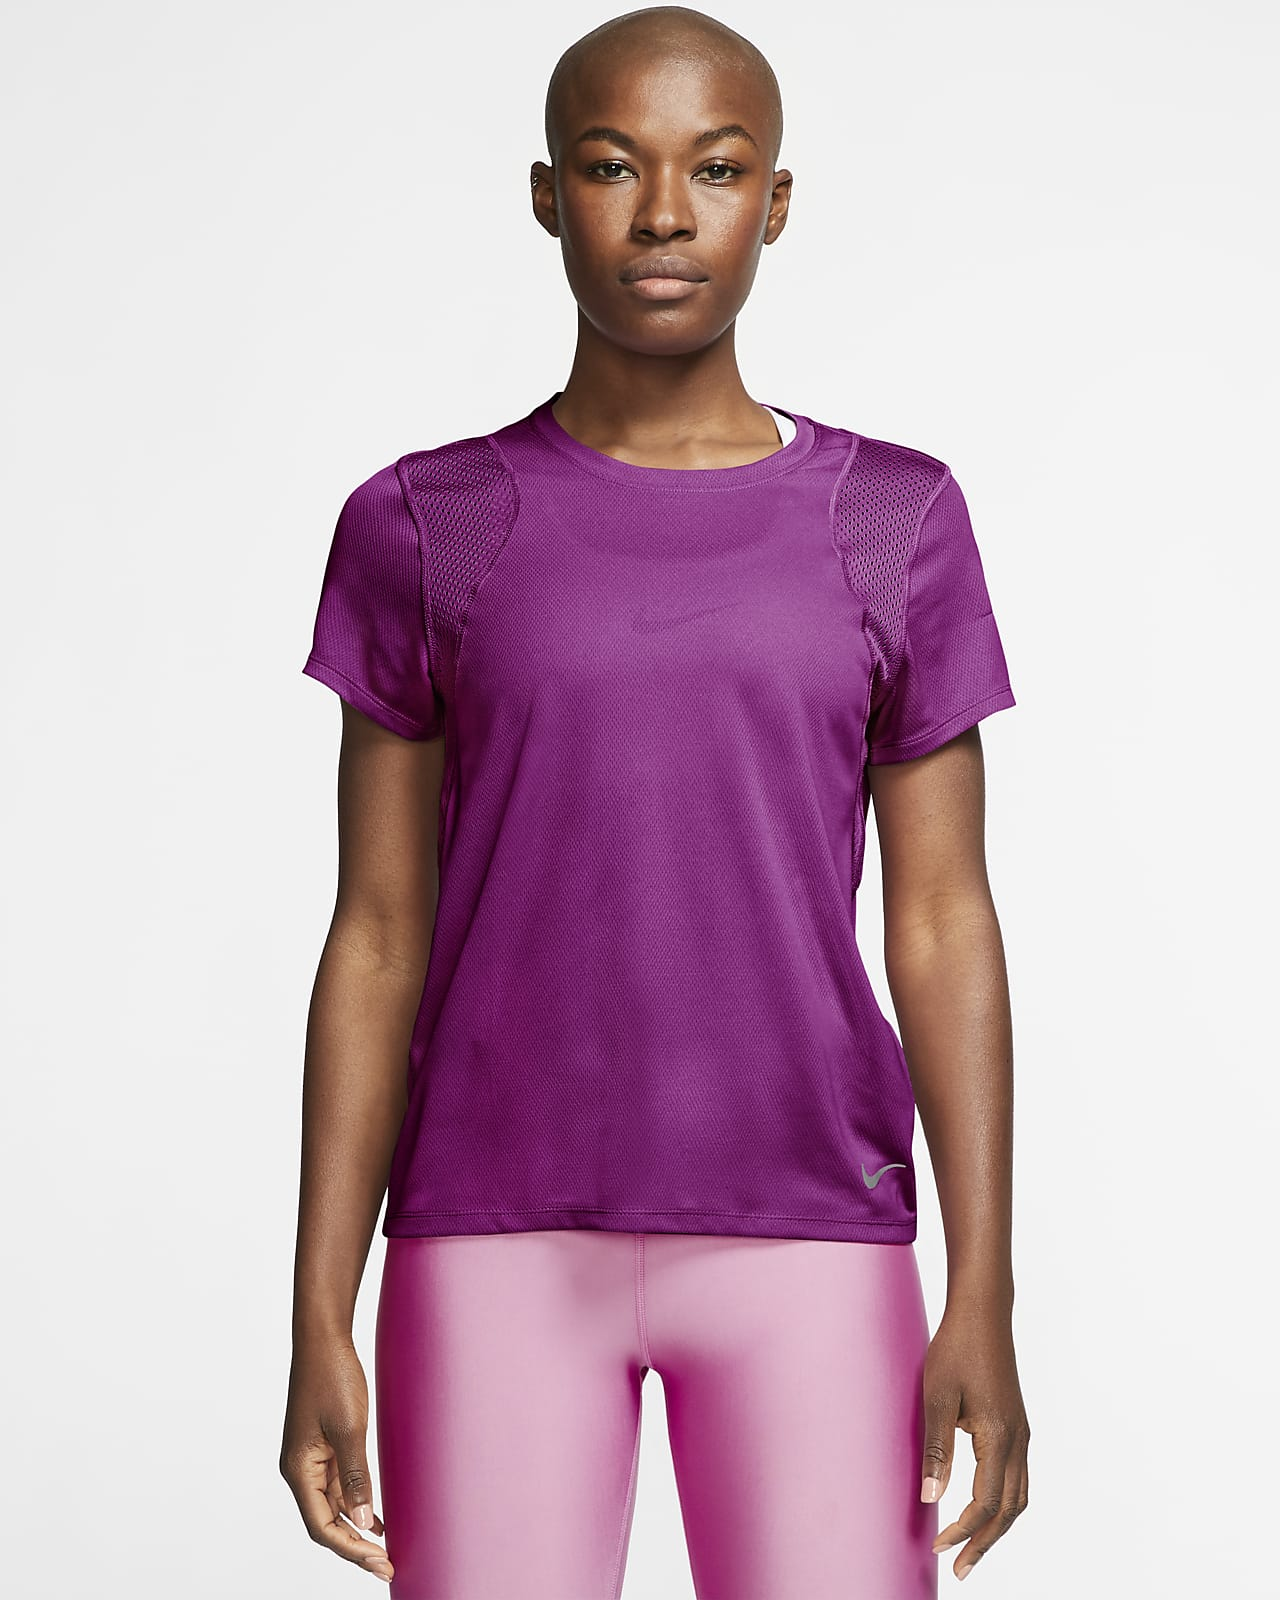 เสื้อวิ่งแขนสั้นผู้หญิง Nike Run